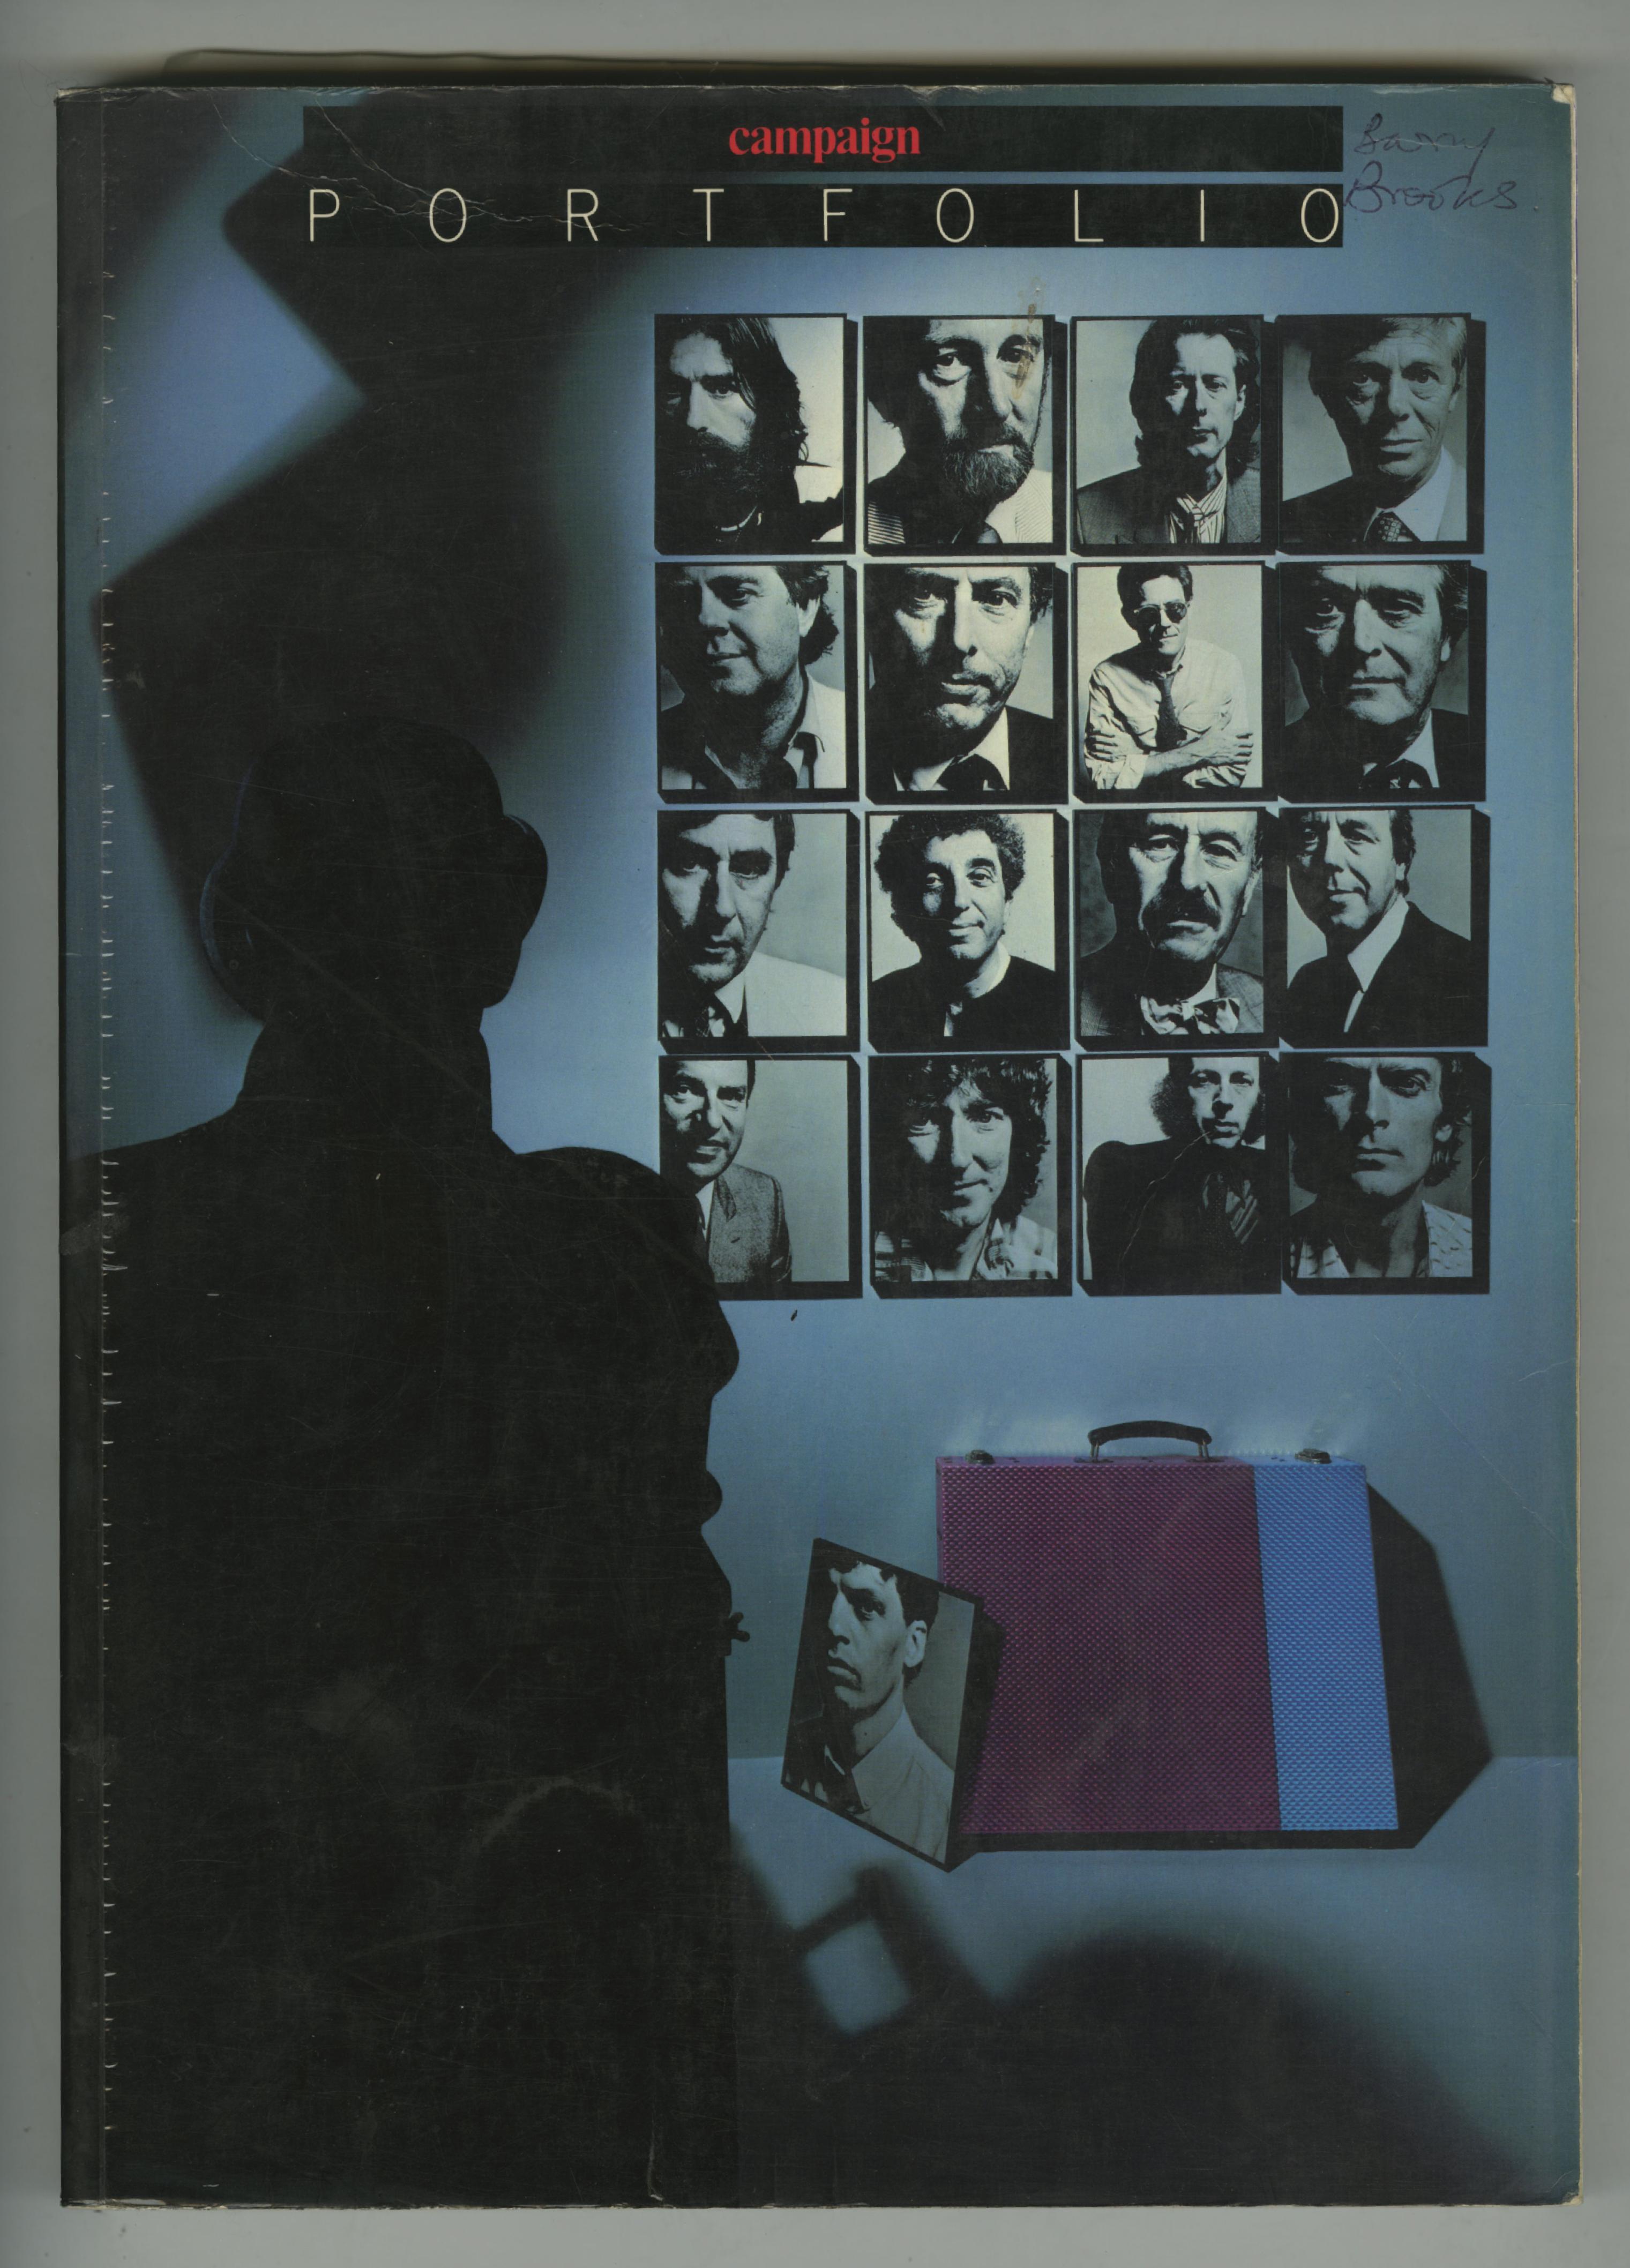 John Claridge, 'Portfolio Cover'-01